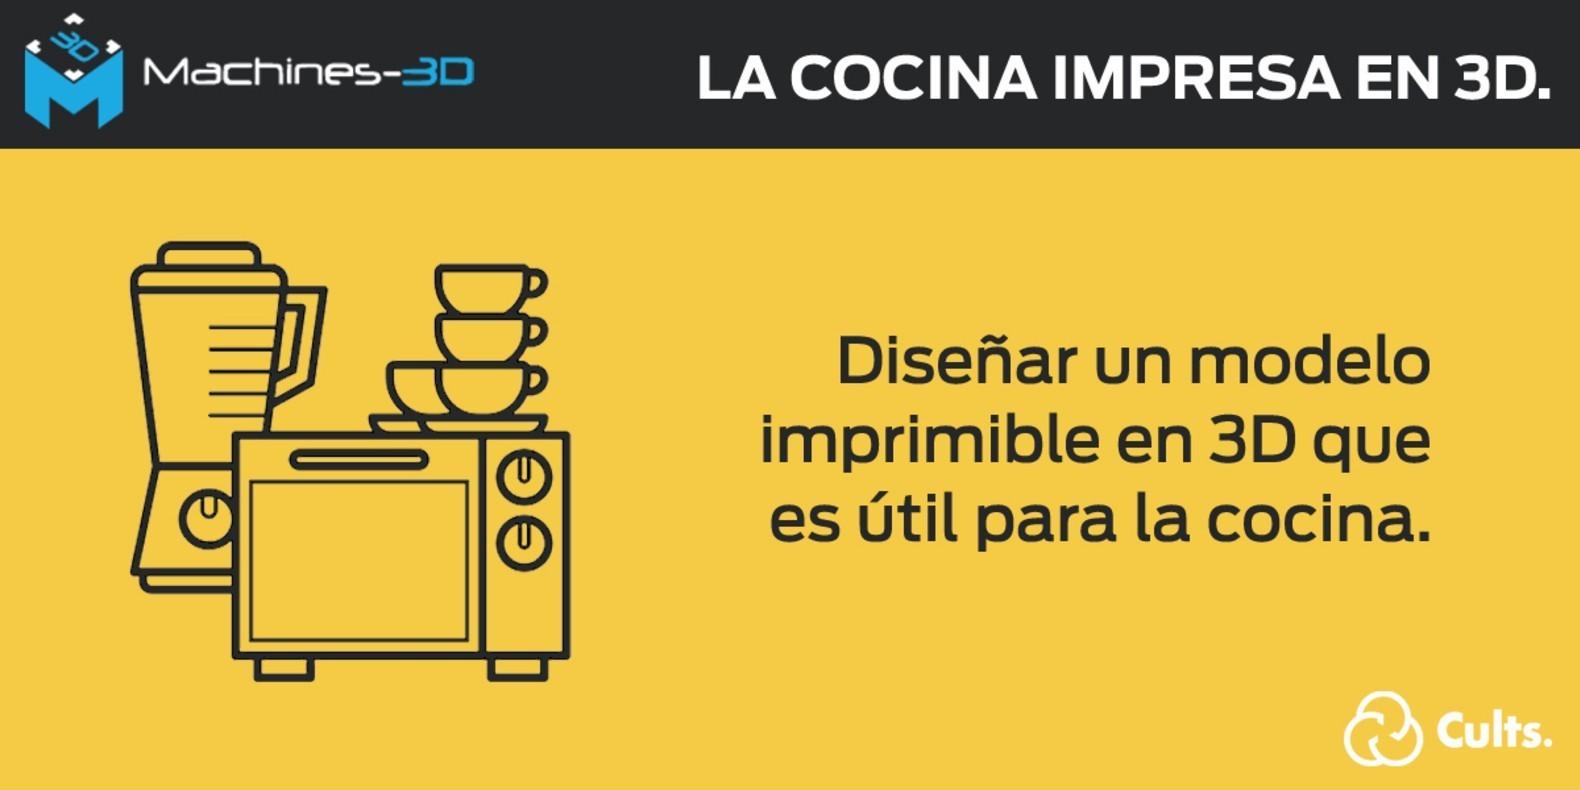 Concurso Impresión 3D Cocina Machines-3D